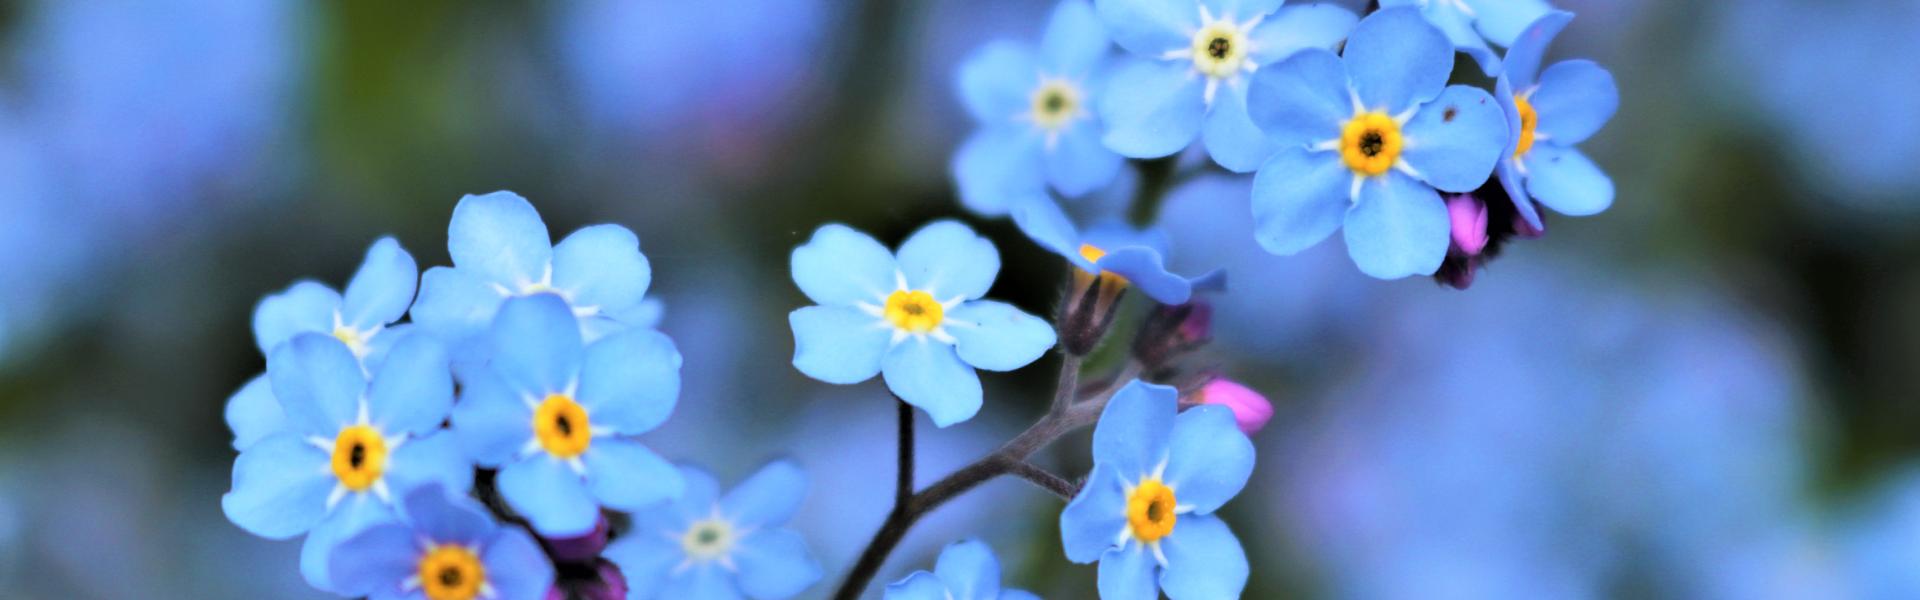 Czy alergicy powinni zapomnieć o niezapominajkach?